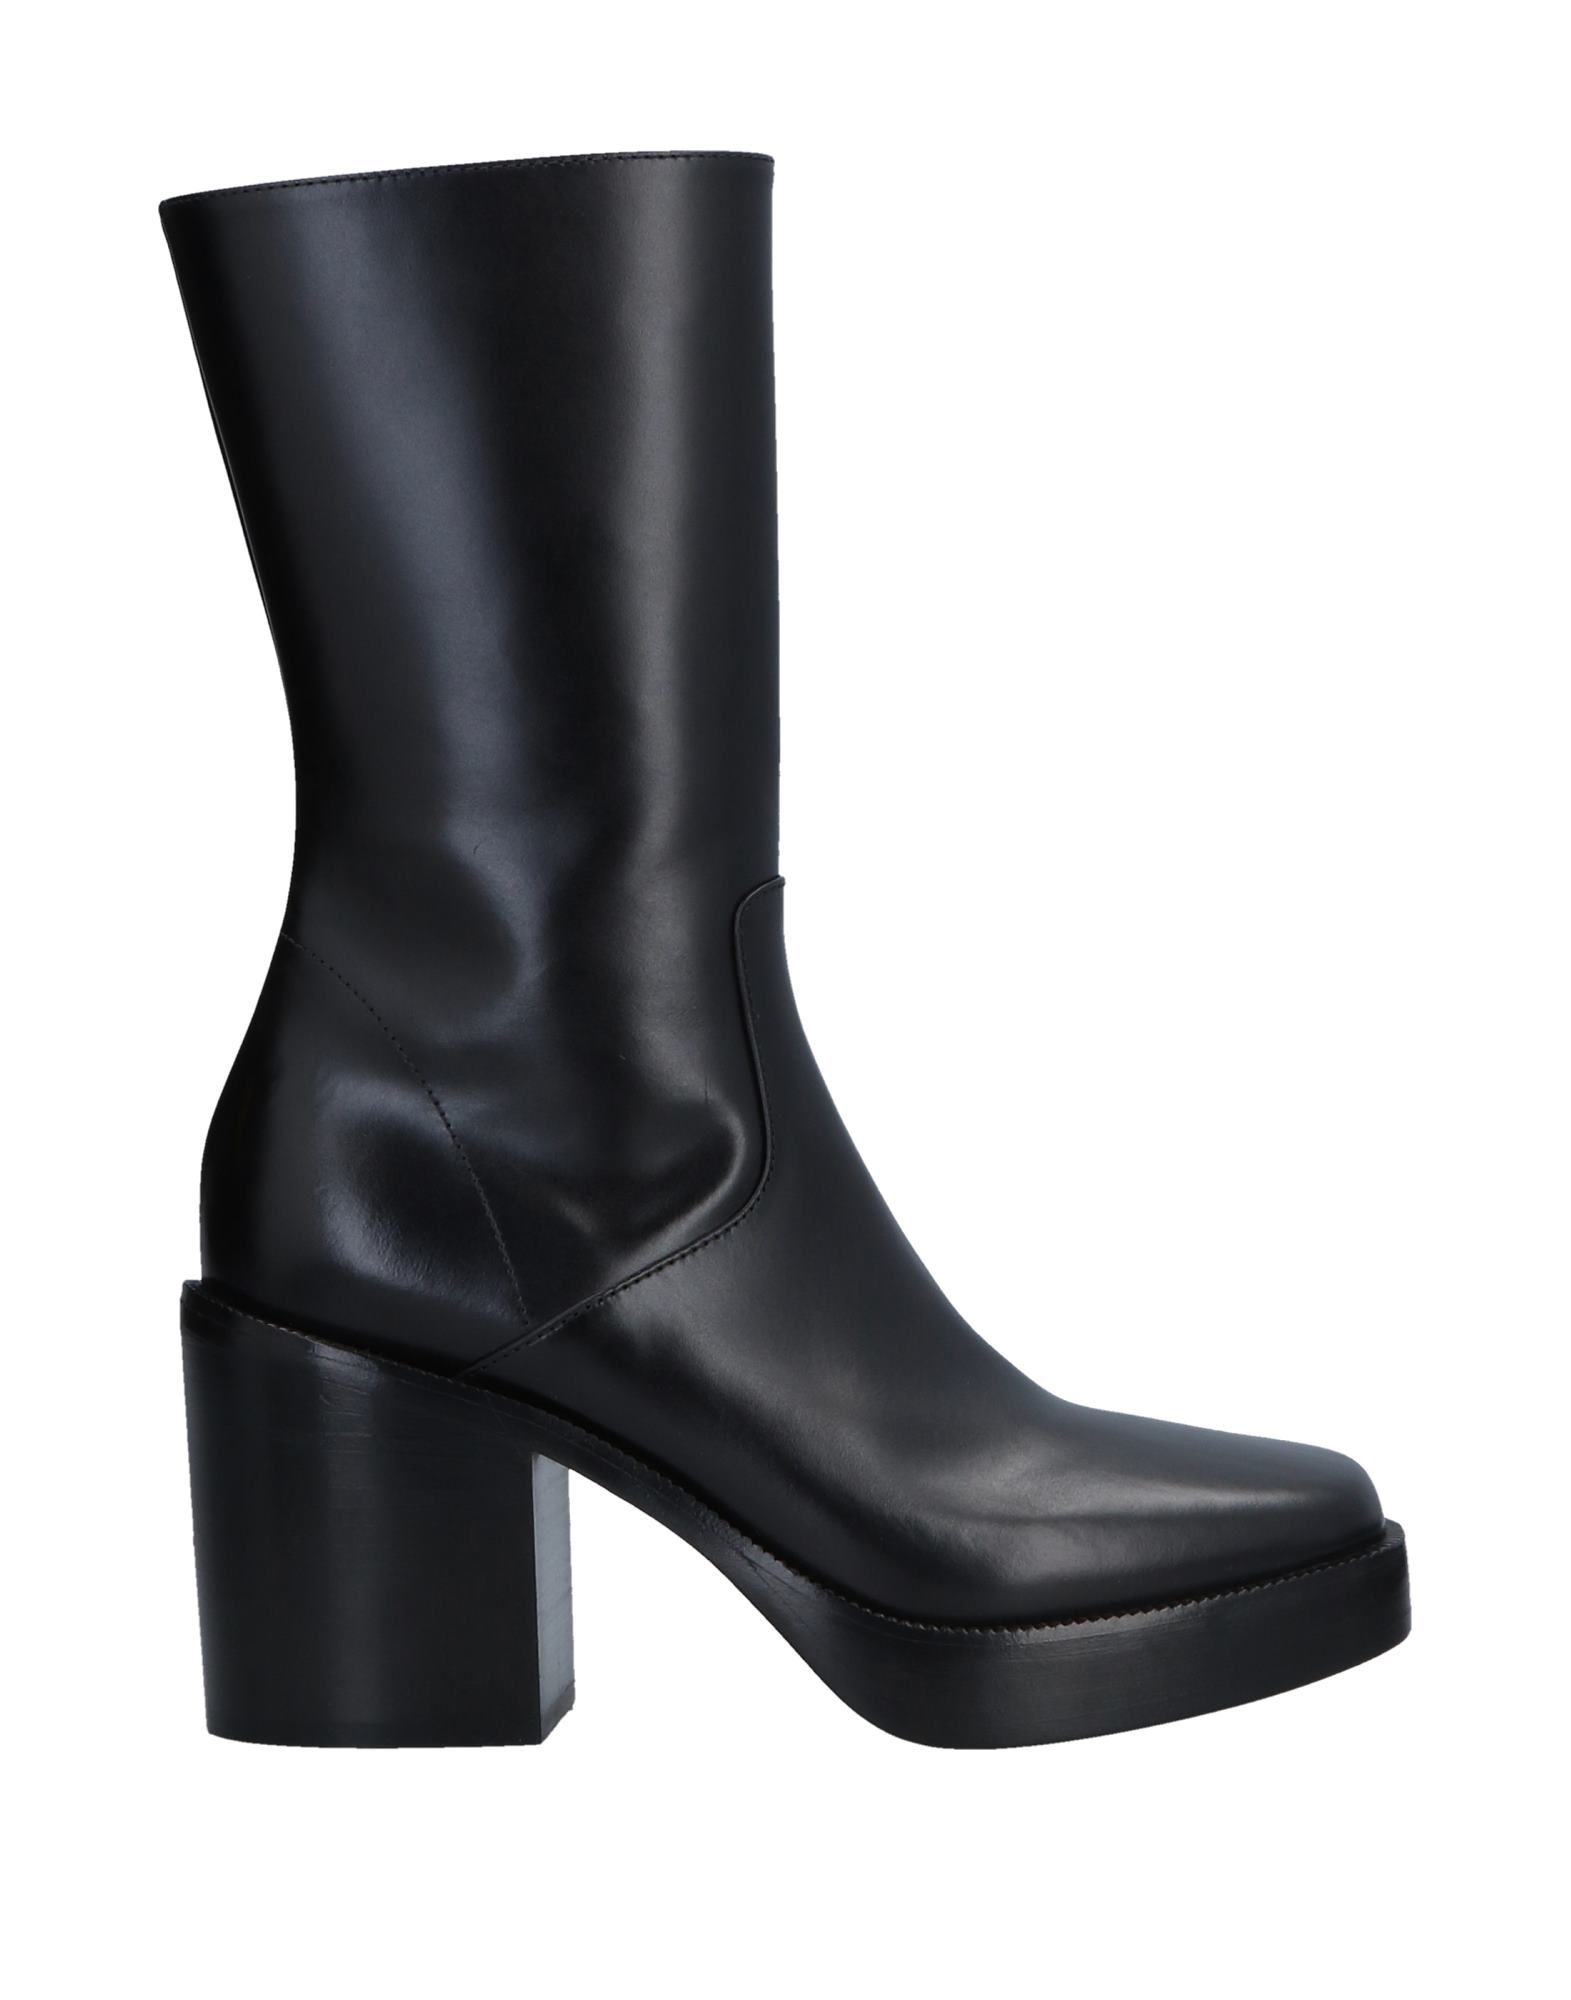 Bottine Balenciaga Femme - Bottines pas Balenciaga Noir Chaussures femme pas Bottines cher homme et femme 6c6320